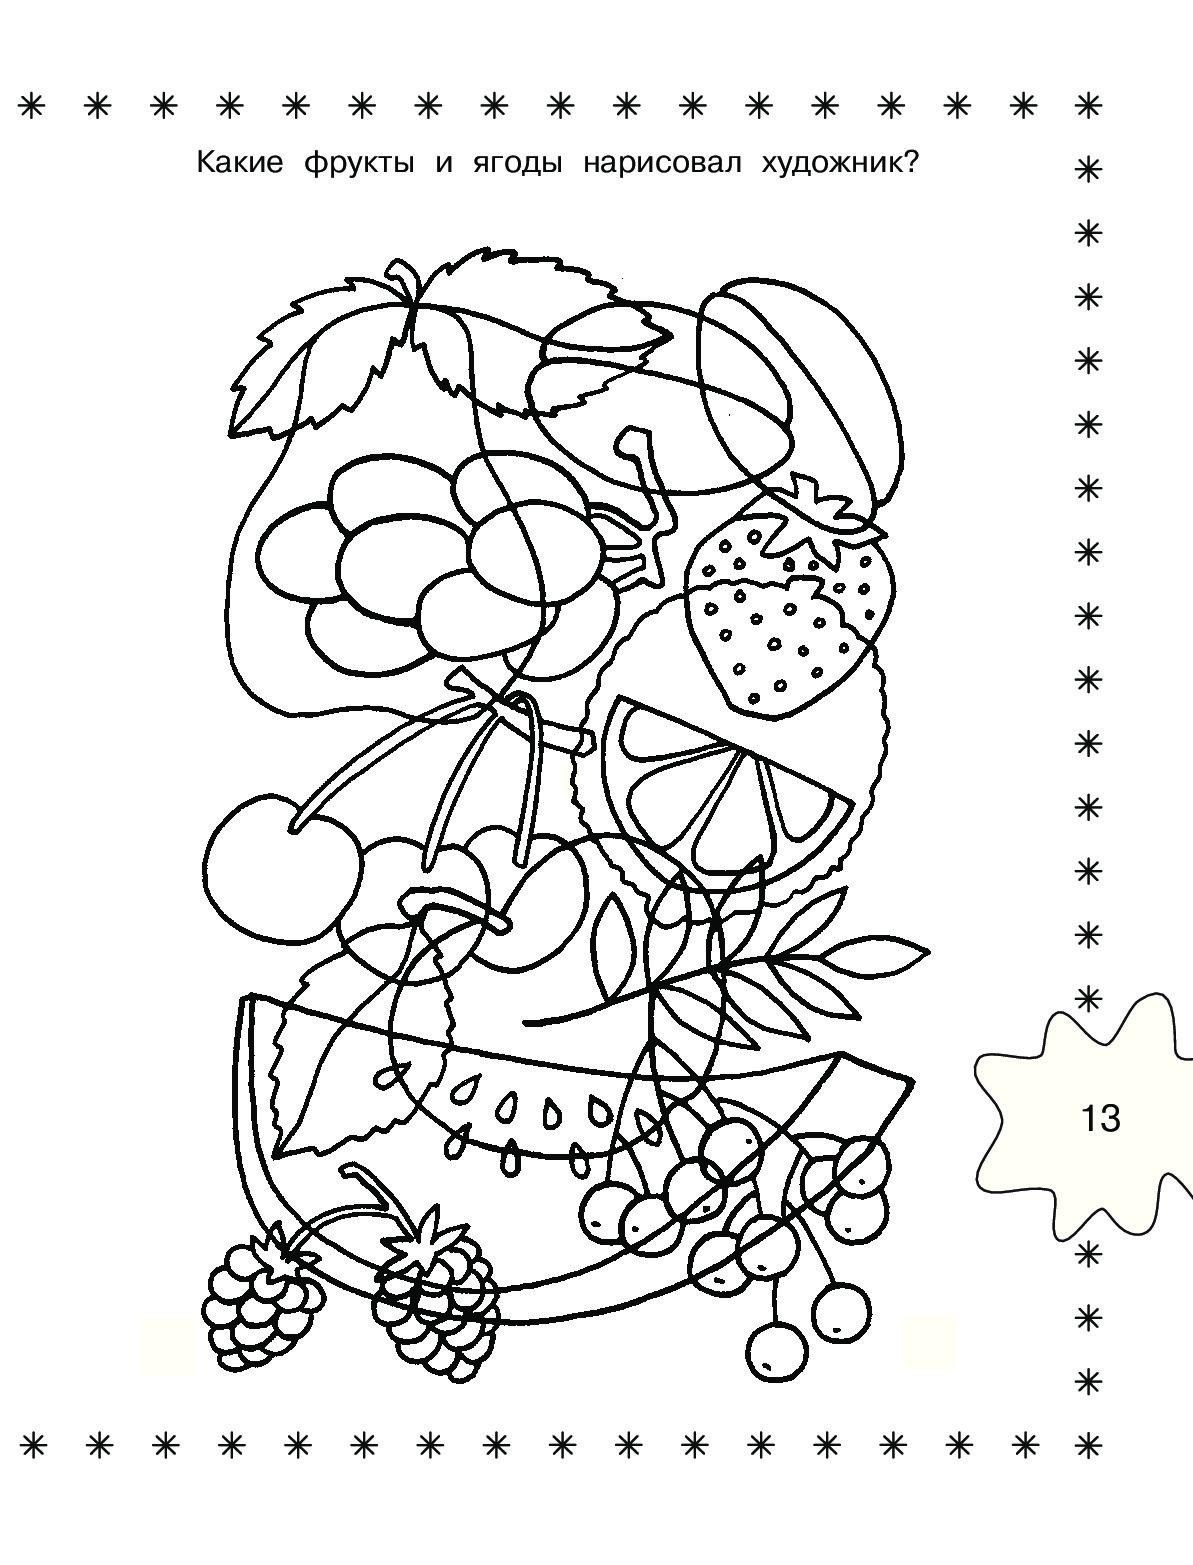 Купить книгу Лучшие игры и раскраски для малышей | Book24.kz